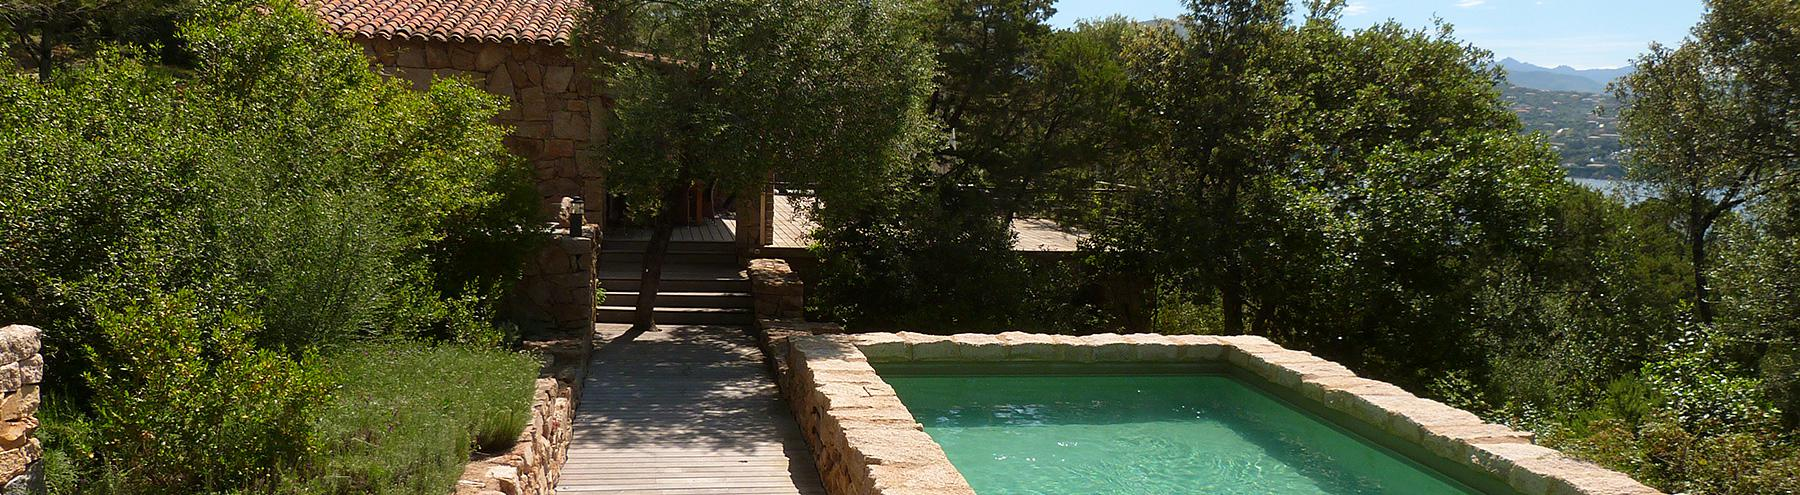 Location villas de charme avec piscine : Pieds dans l'eau